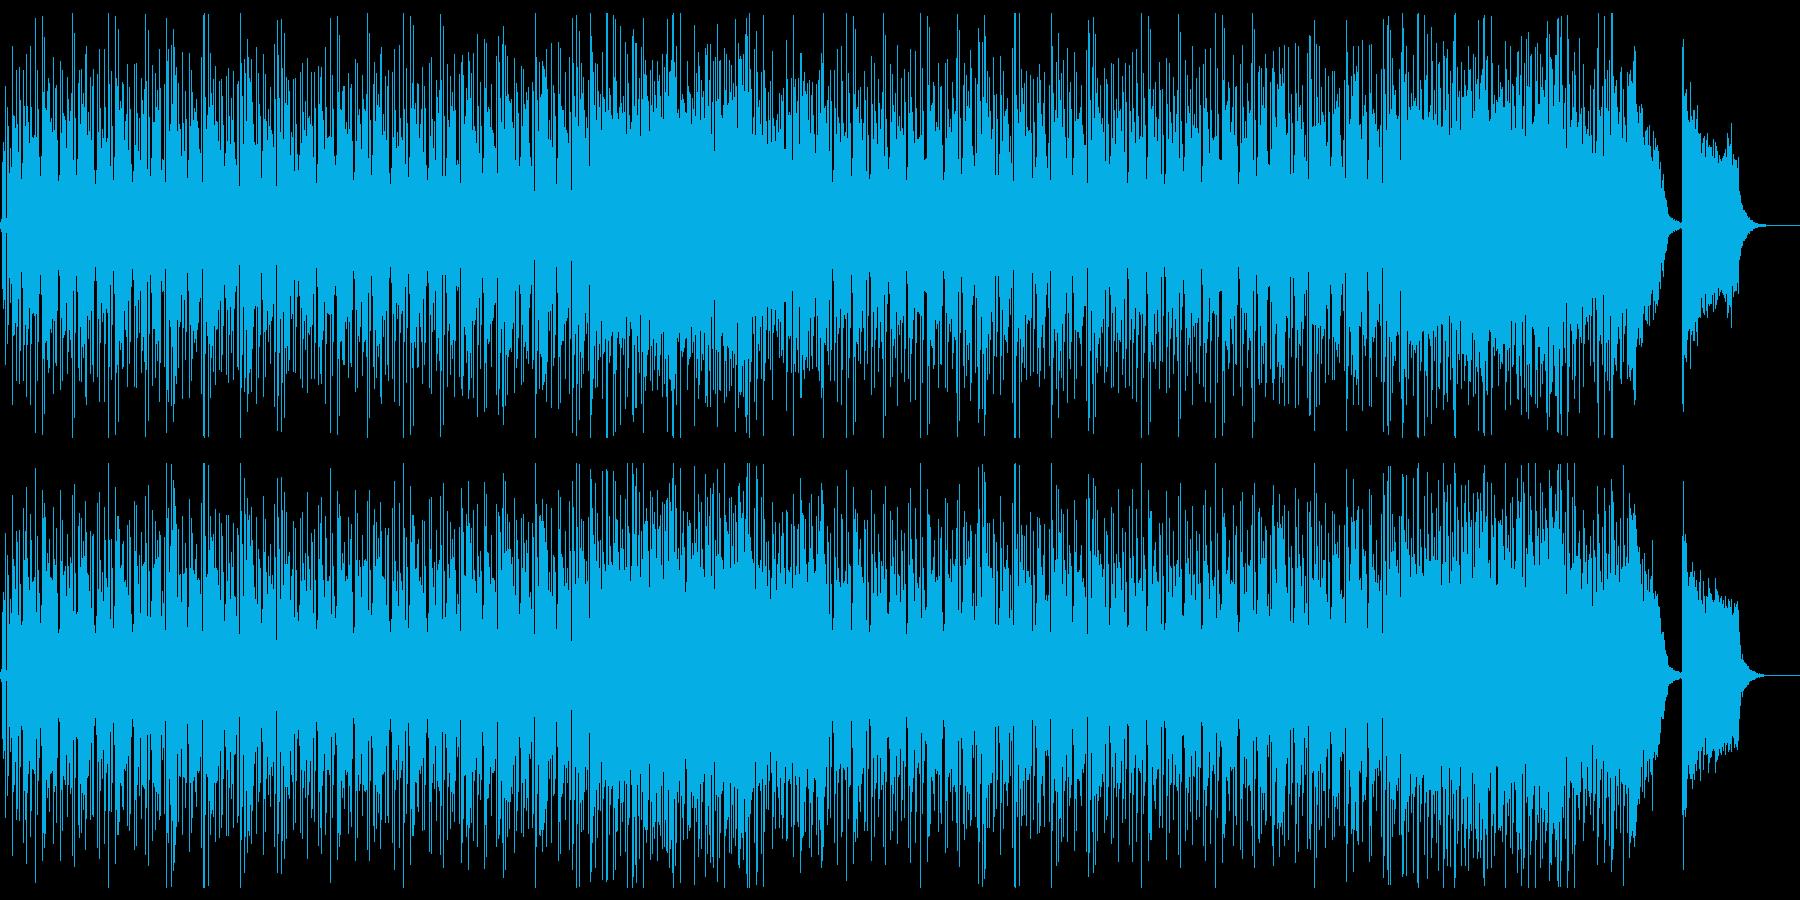 高速ビートのドラムンベースの再生済みの波形